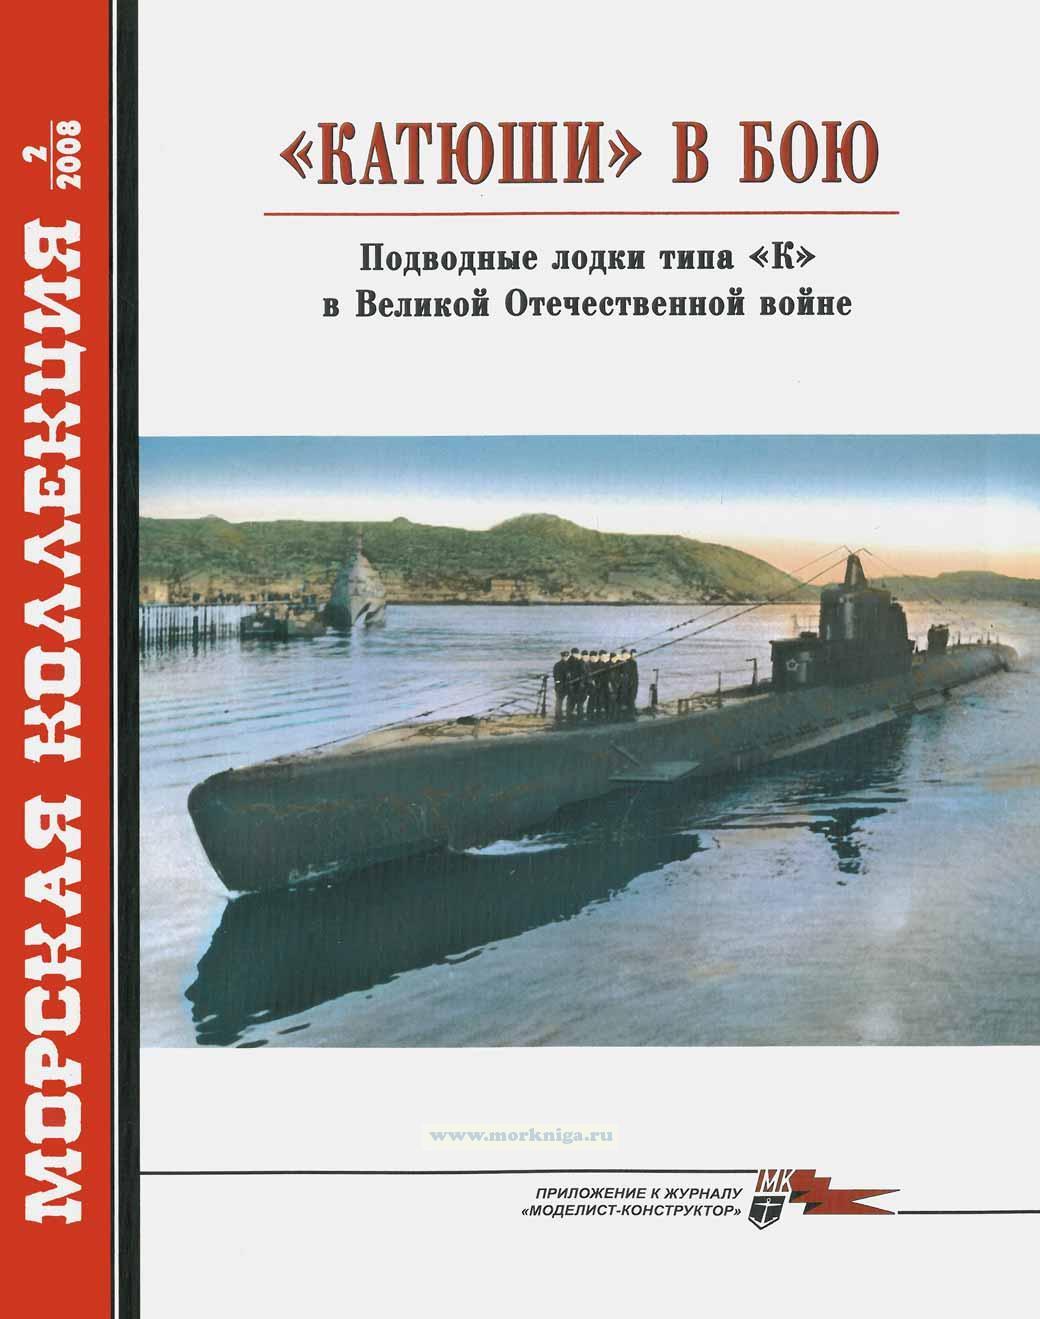 """""""Катюши"""" в бою. Подводные лодки типа """"К"""" в Великой Отечественной войне. Морская коллекция №2 (2008)"""